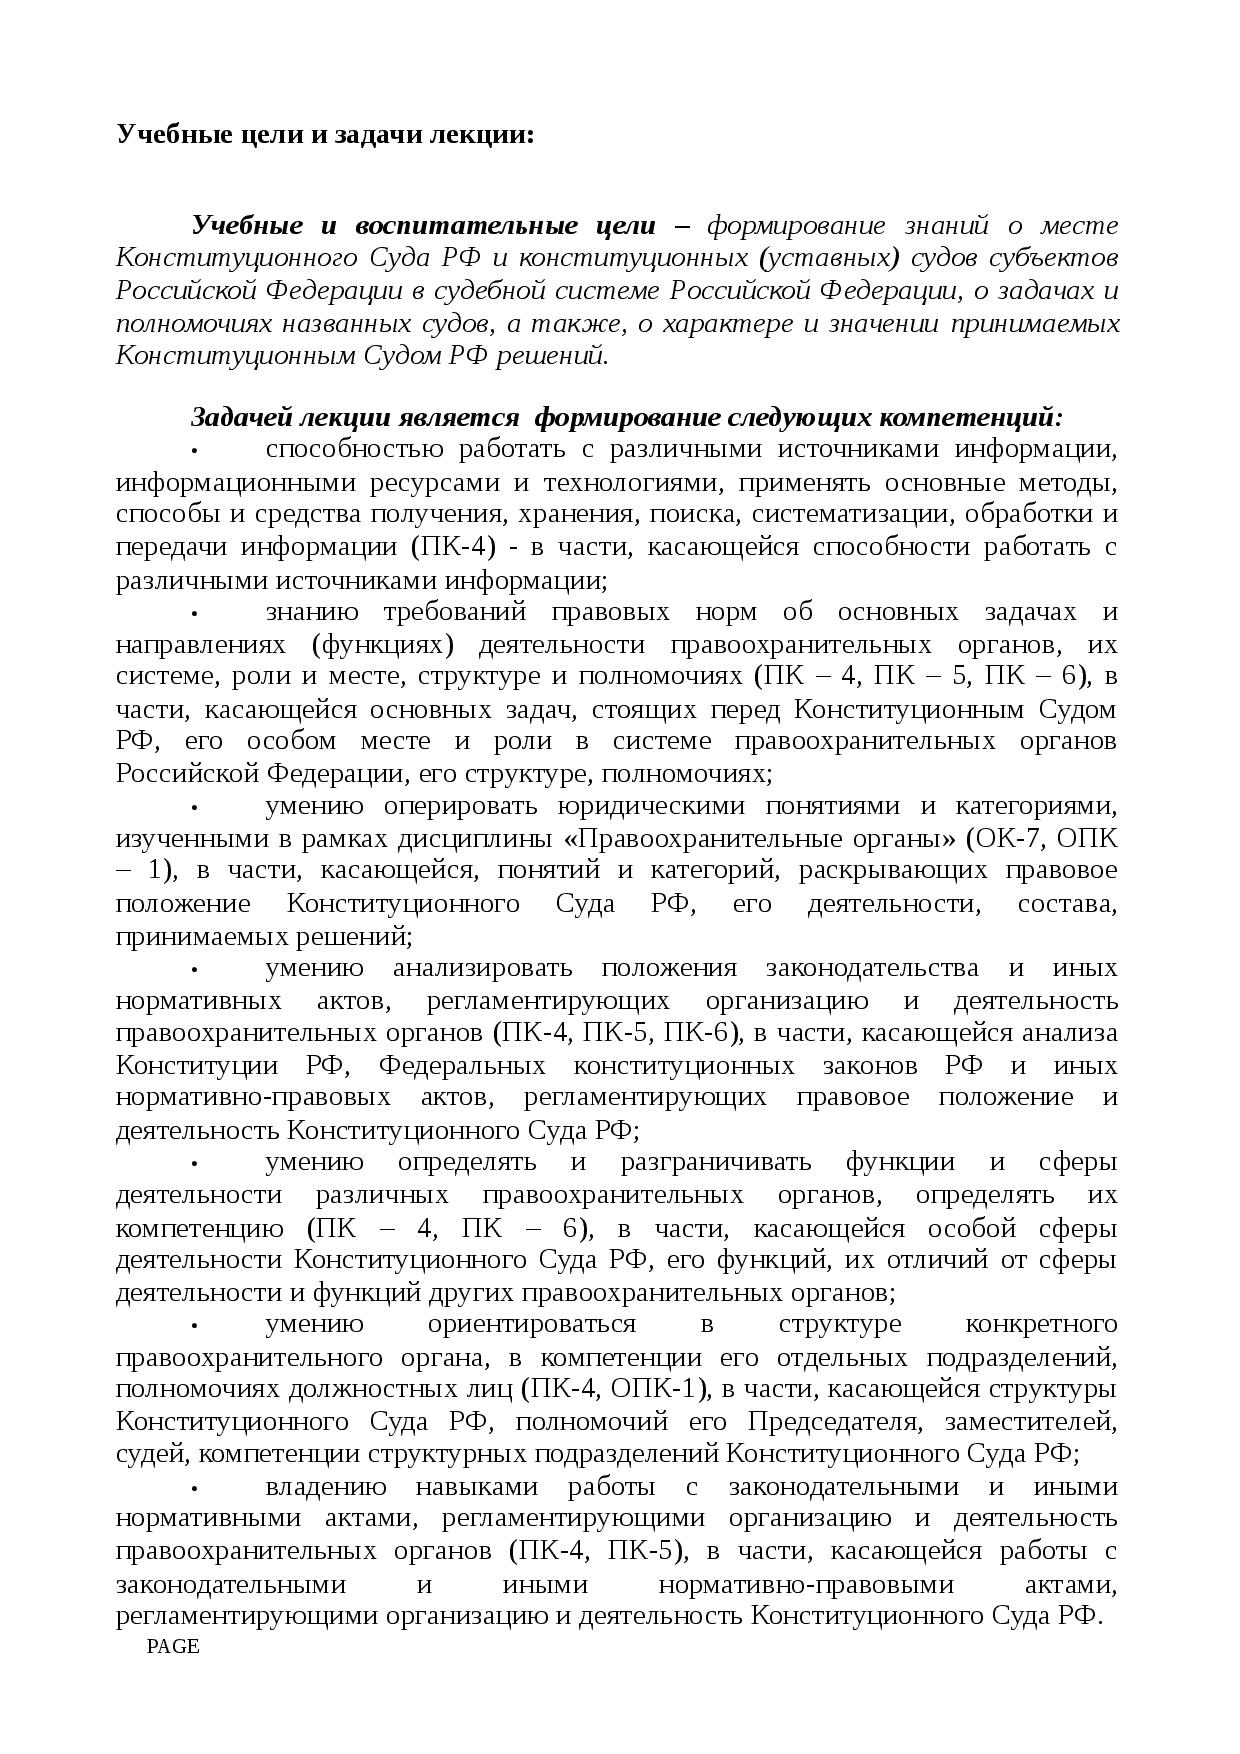 полномочия конституционного суда российской федерации